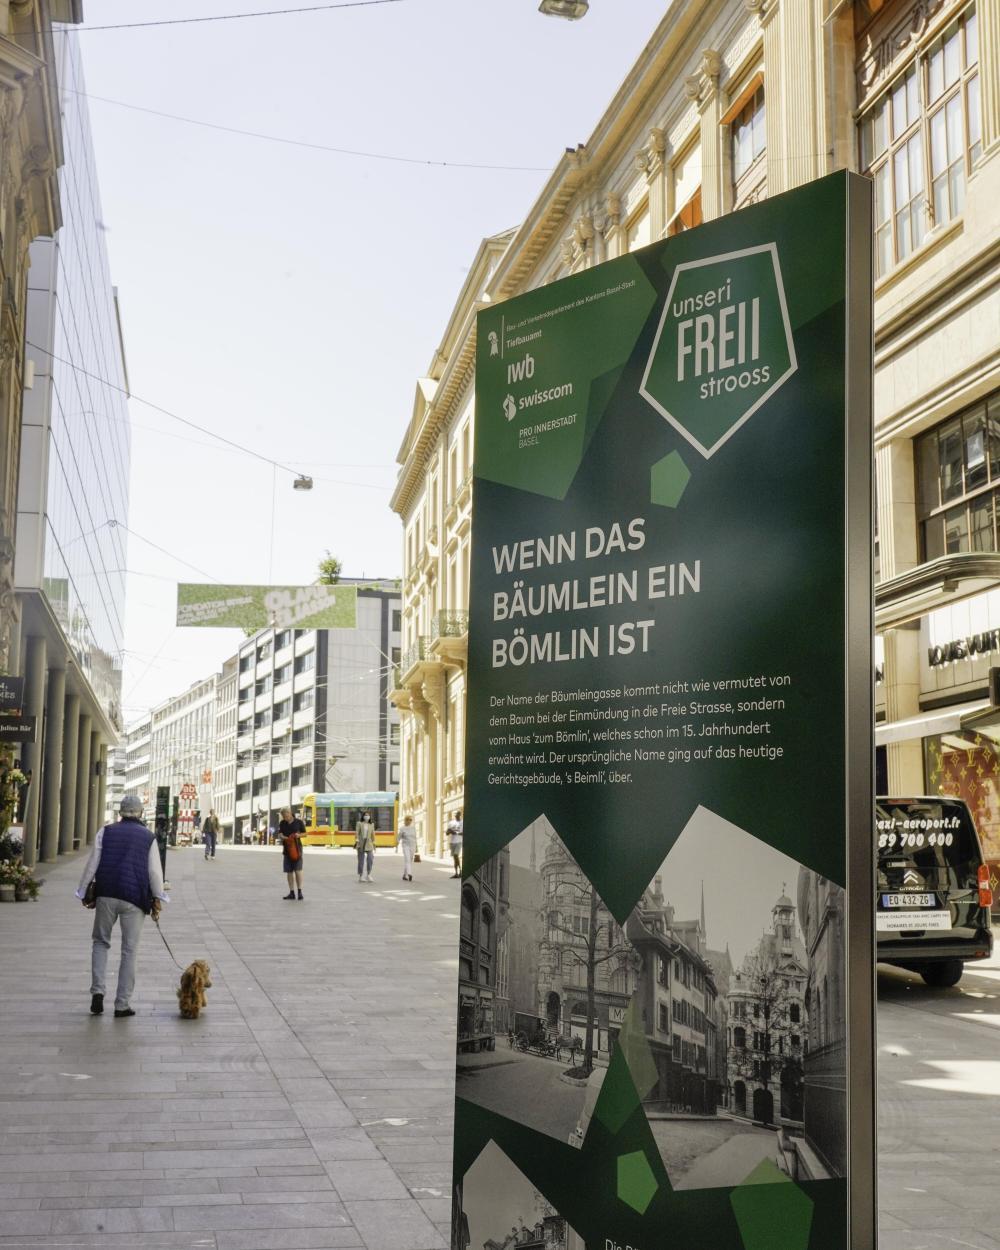 Aktuelle Informationen zur Umgestaltung findest du jeweils auf der Website des Tiefbauamts Basel-Stadt!